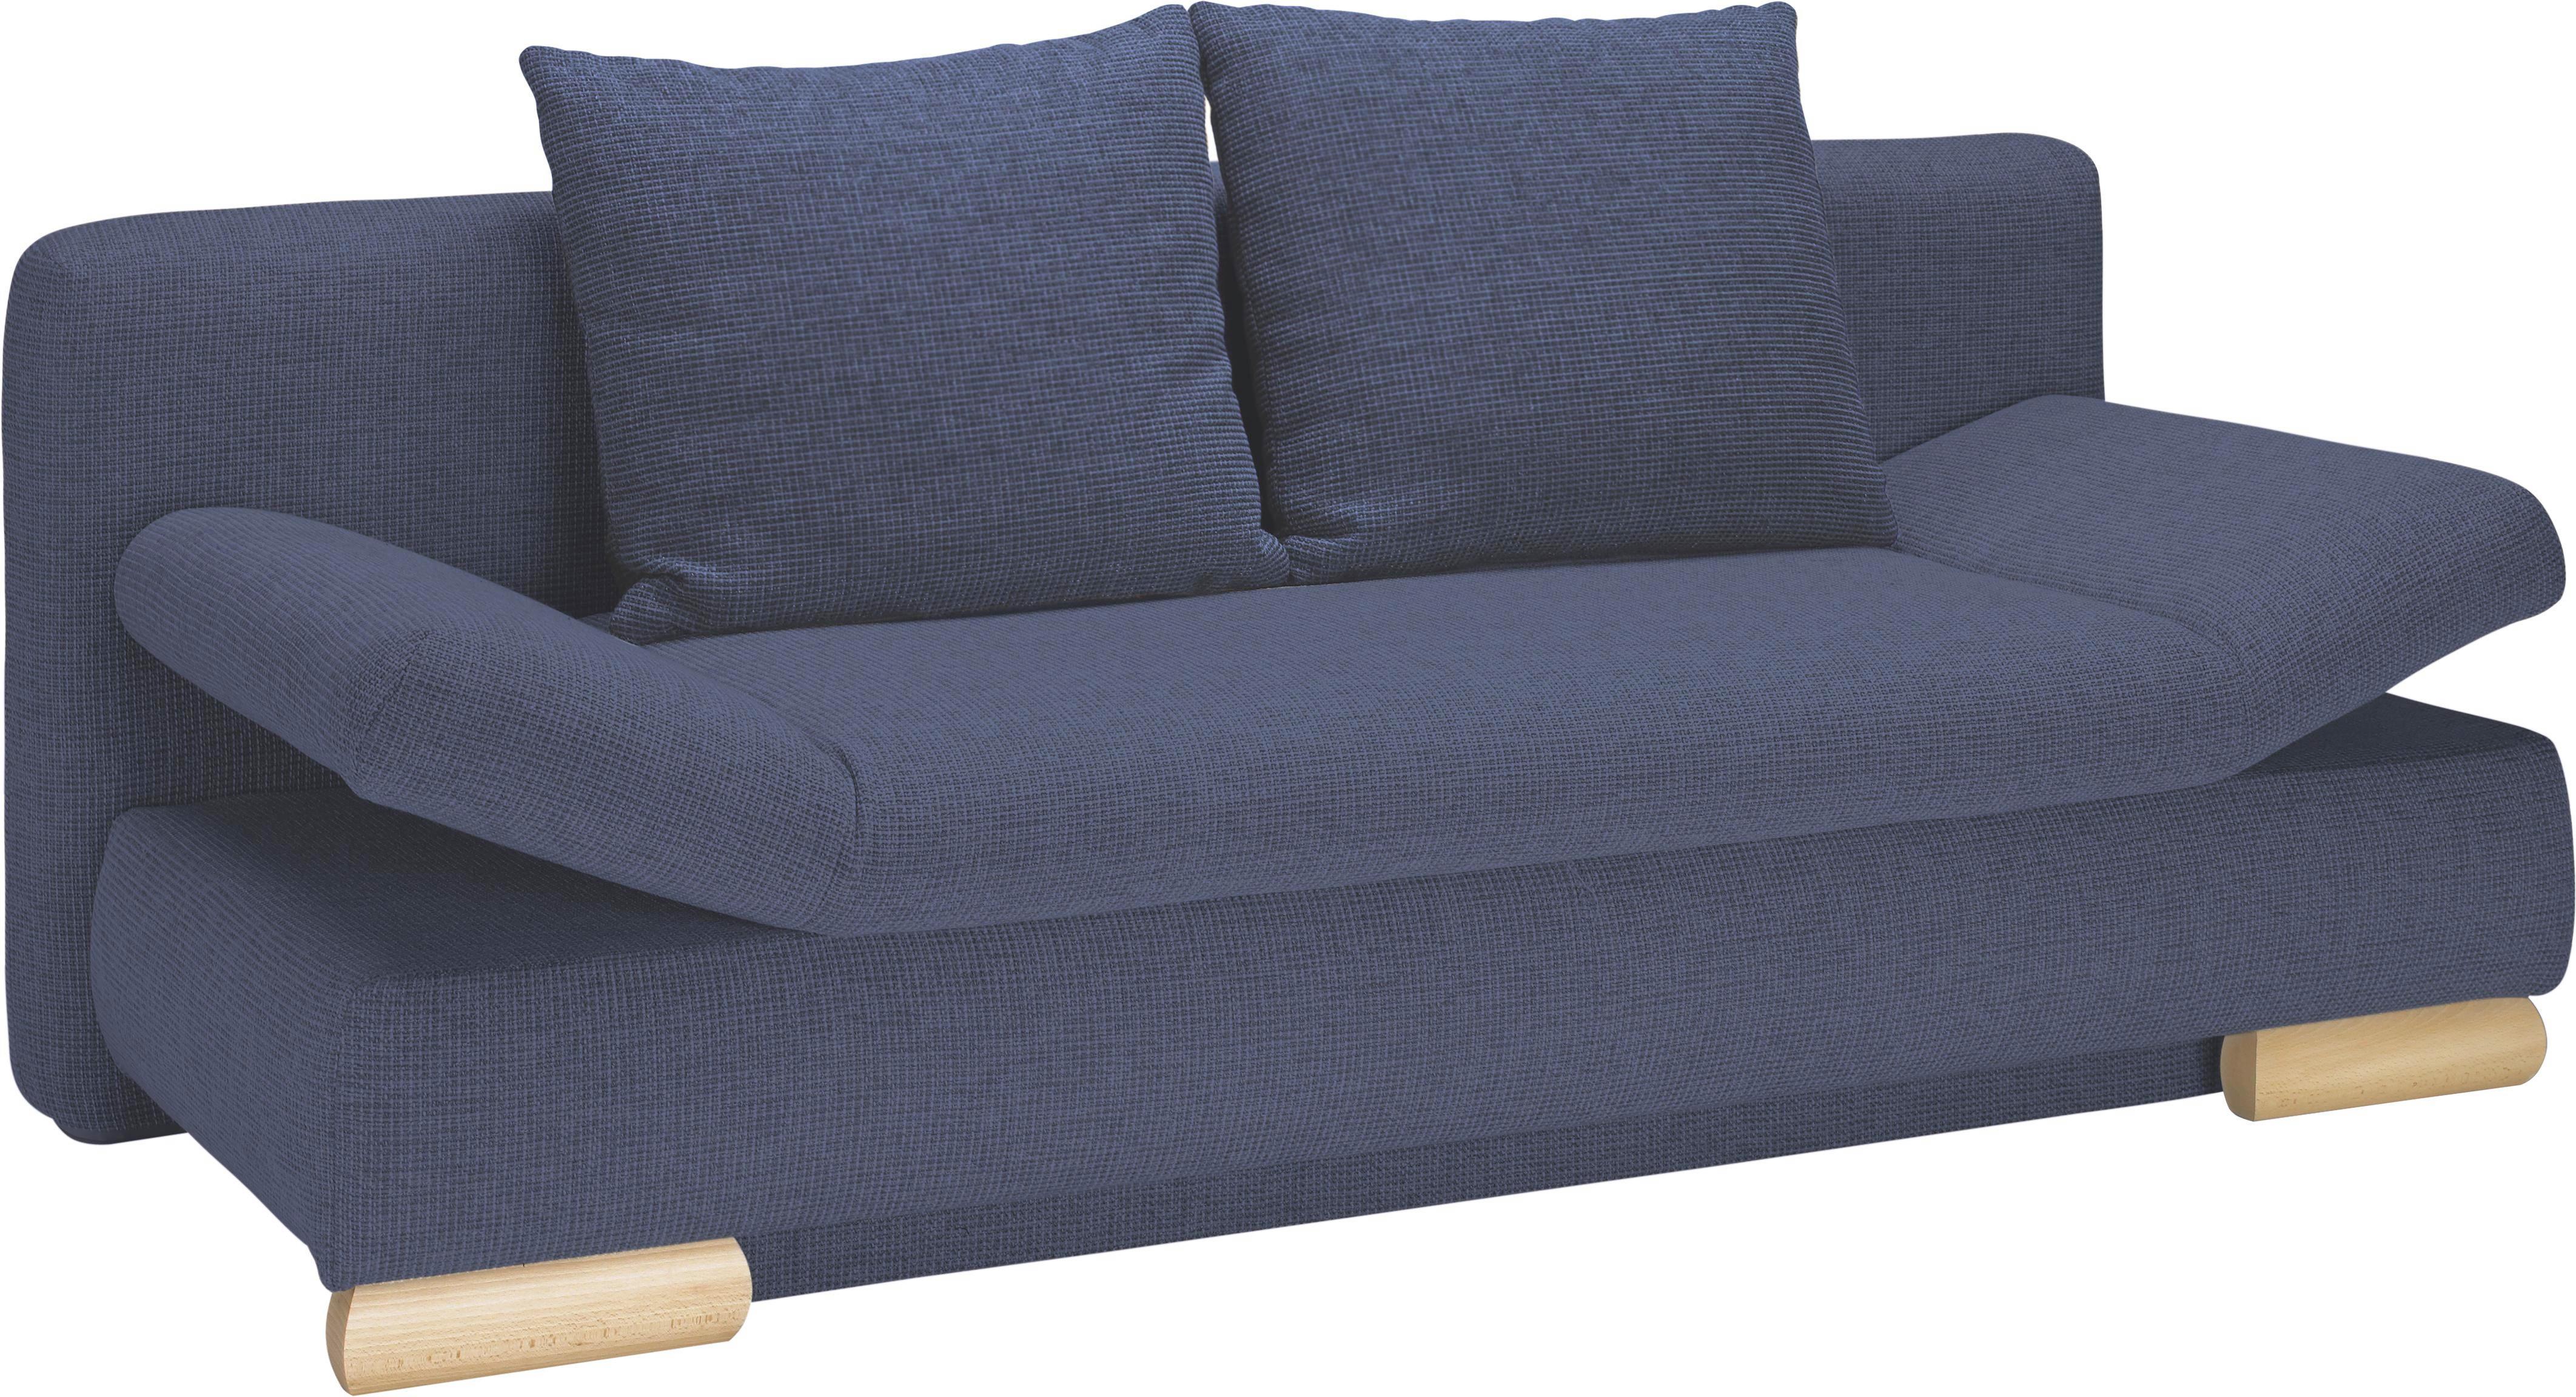 SCHLAFSOFA Blau - Blau/Buchefarben, LIFESTYLE, Holz/Textil (195/75/90/145cm) - NOVEL